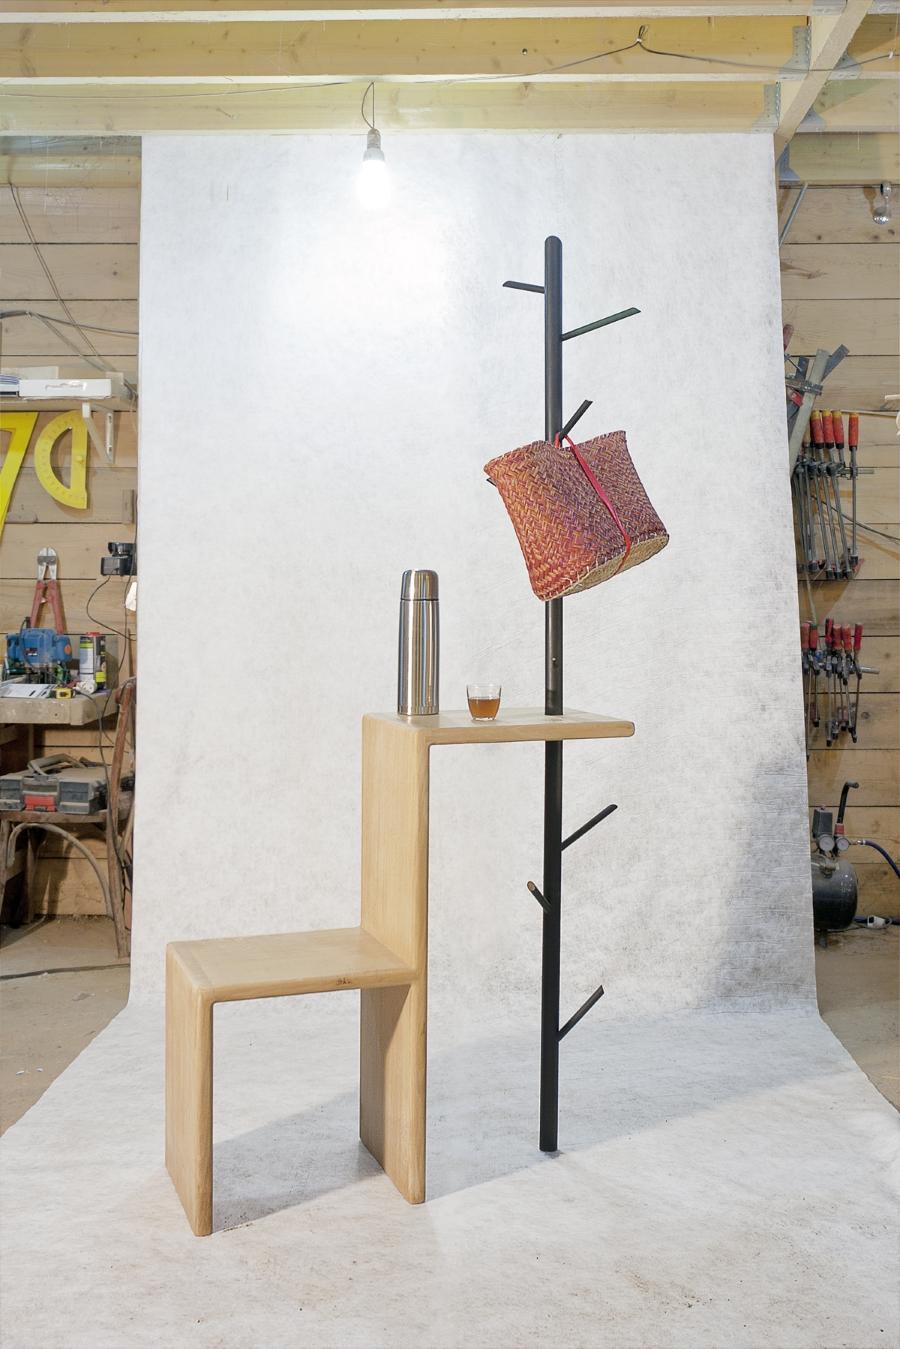 Meuble d'entrée en bois, chêne ou frêne, et porte-manteau en métal - Le Vestiaire